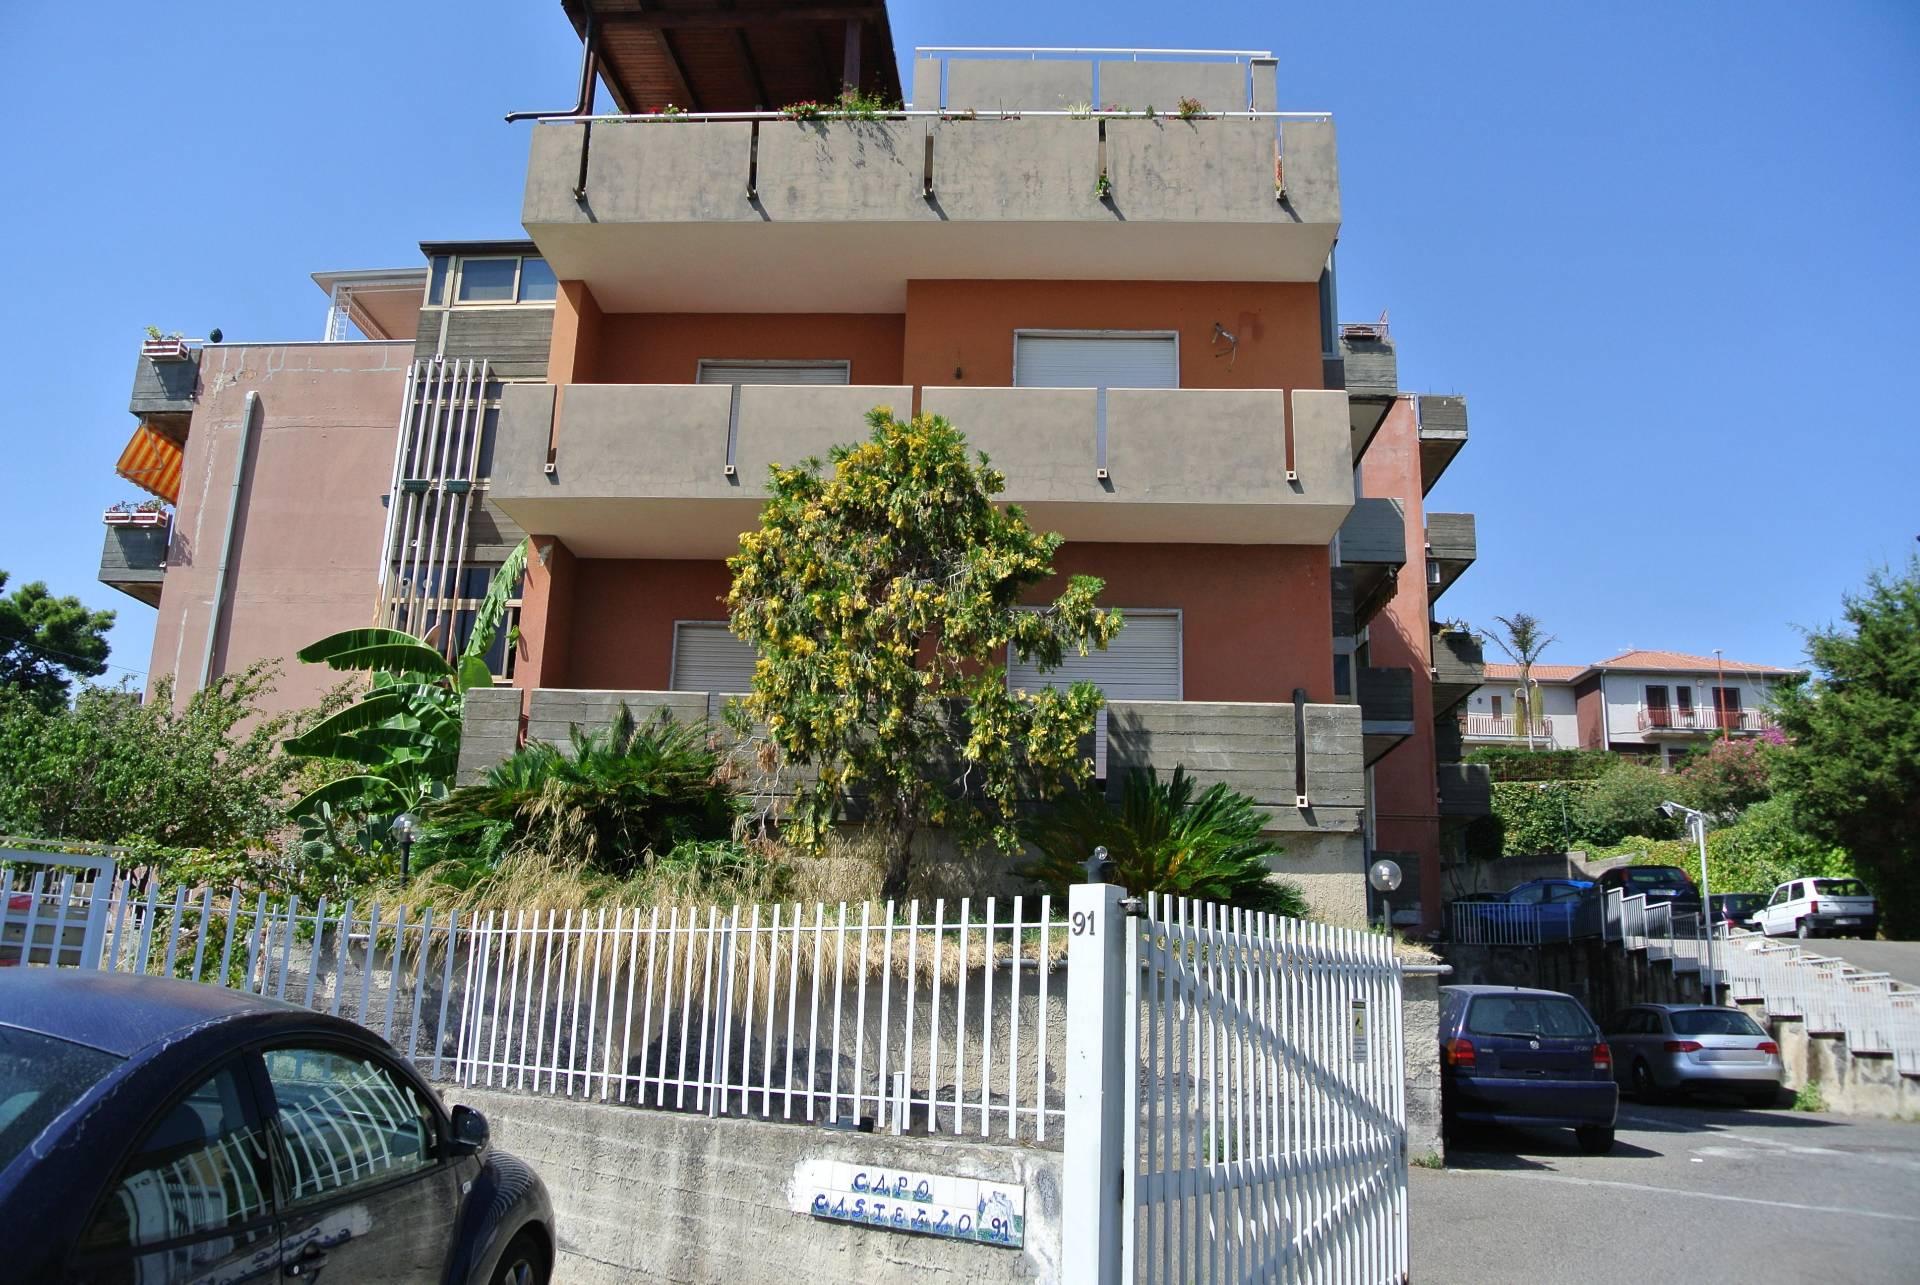 Appartamento in affitto a Aci Castello, 2 locali, zona Zona: Ficarazzi, prezzo € 500 | CambioCasa.it